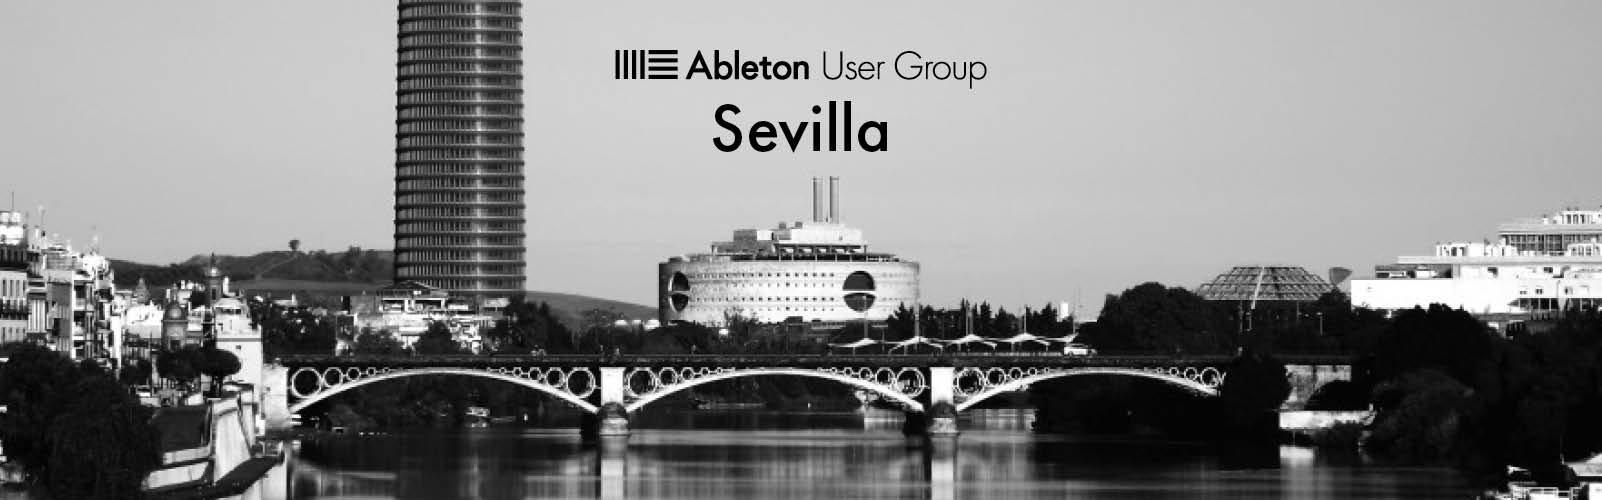 Sevilla Ableton User Group Logo Black.jpg